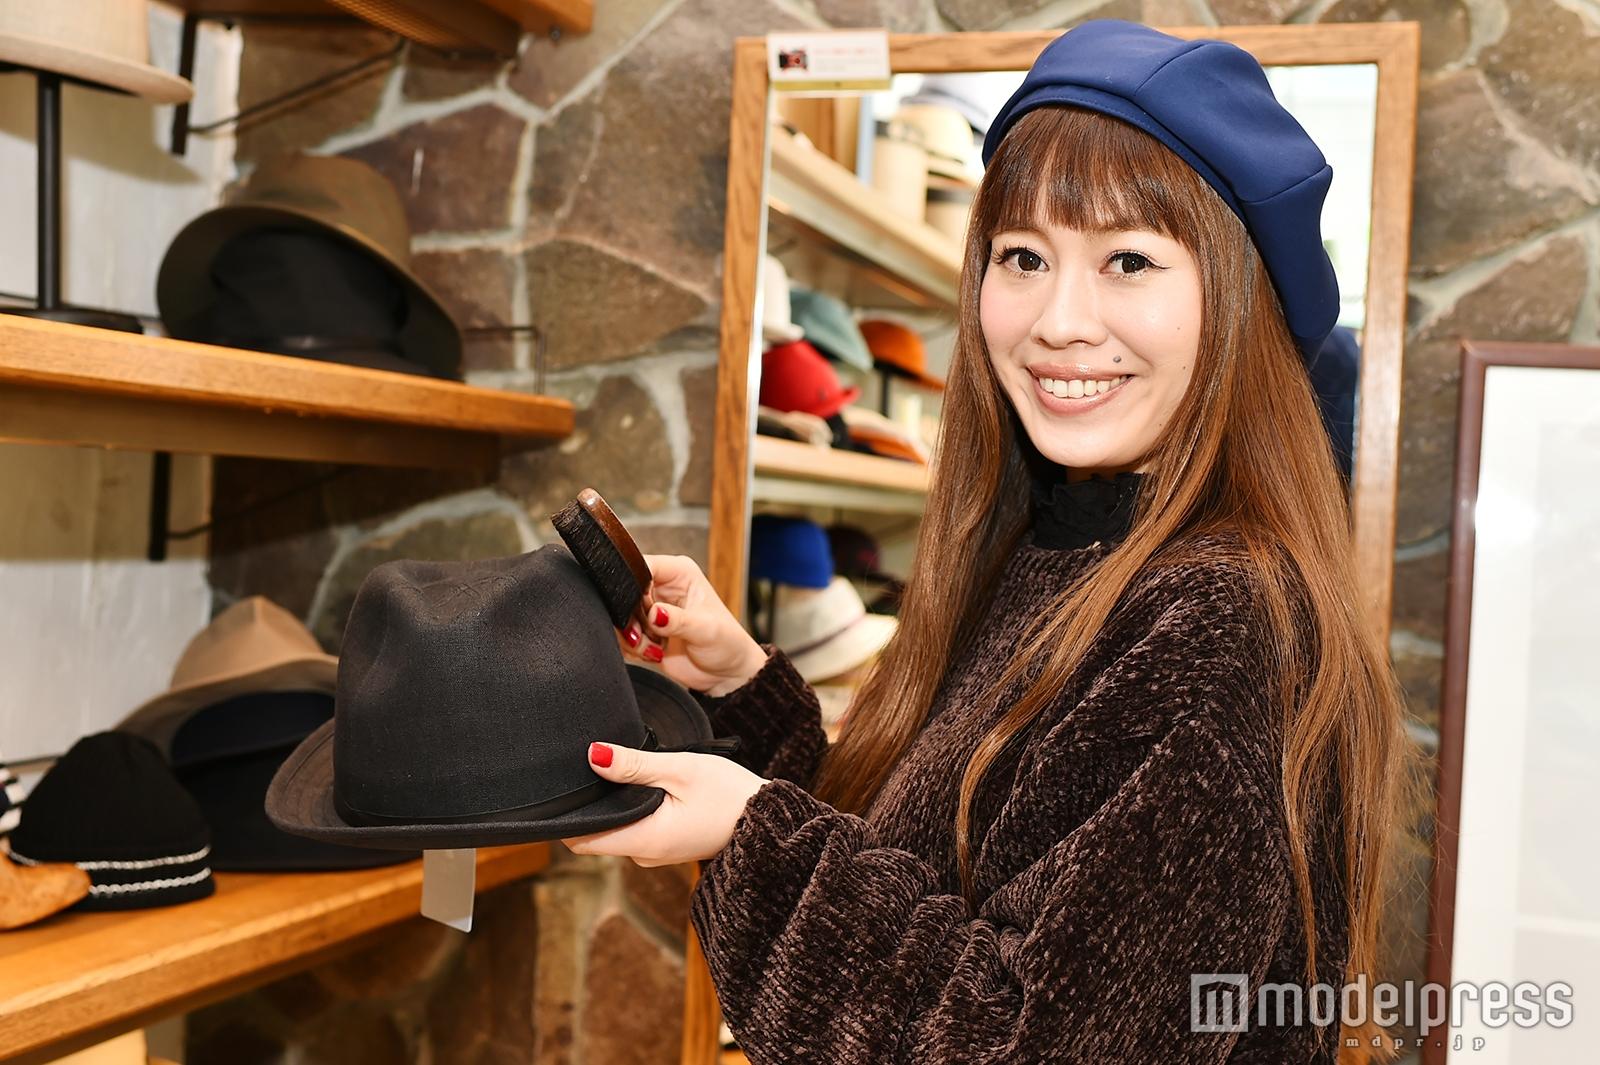 モデルプレスのインタビューに応じた草薙未奈子さん(C)モデルプレス